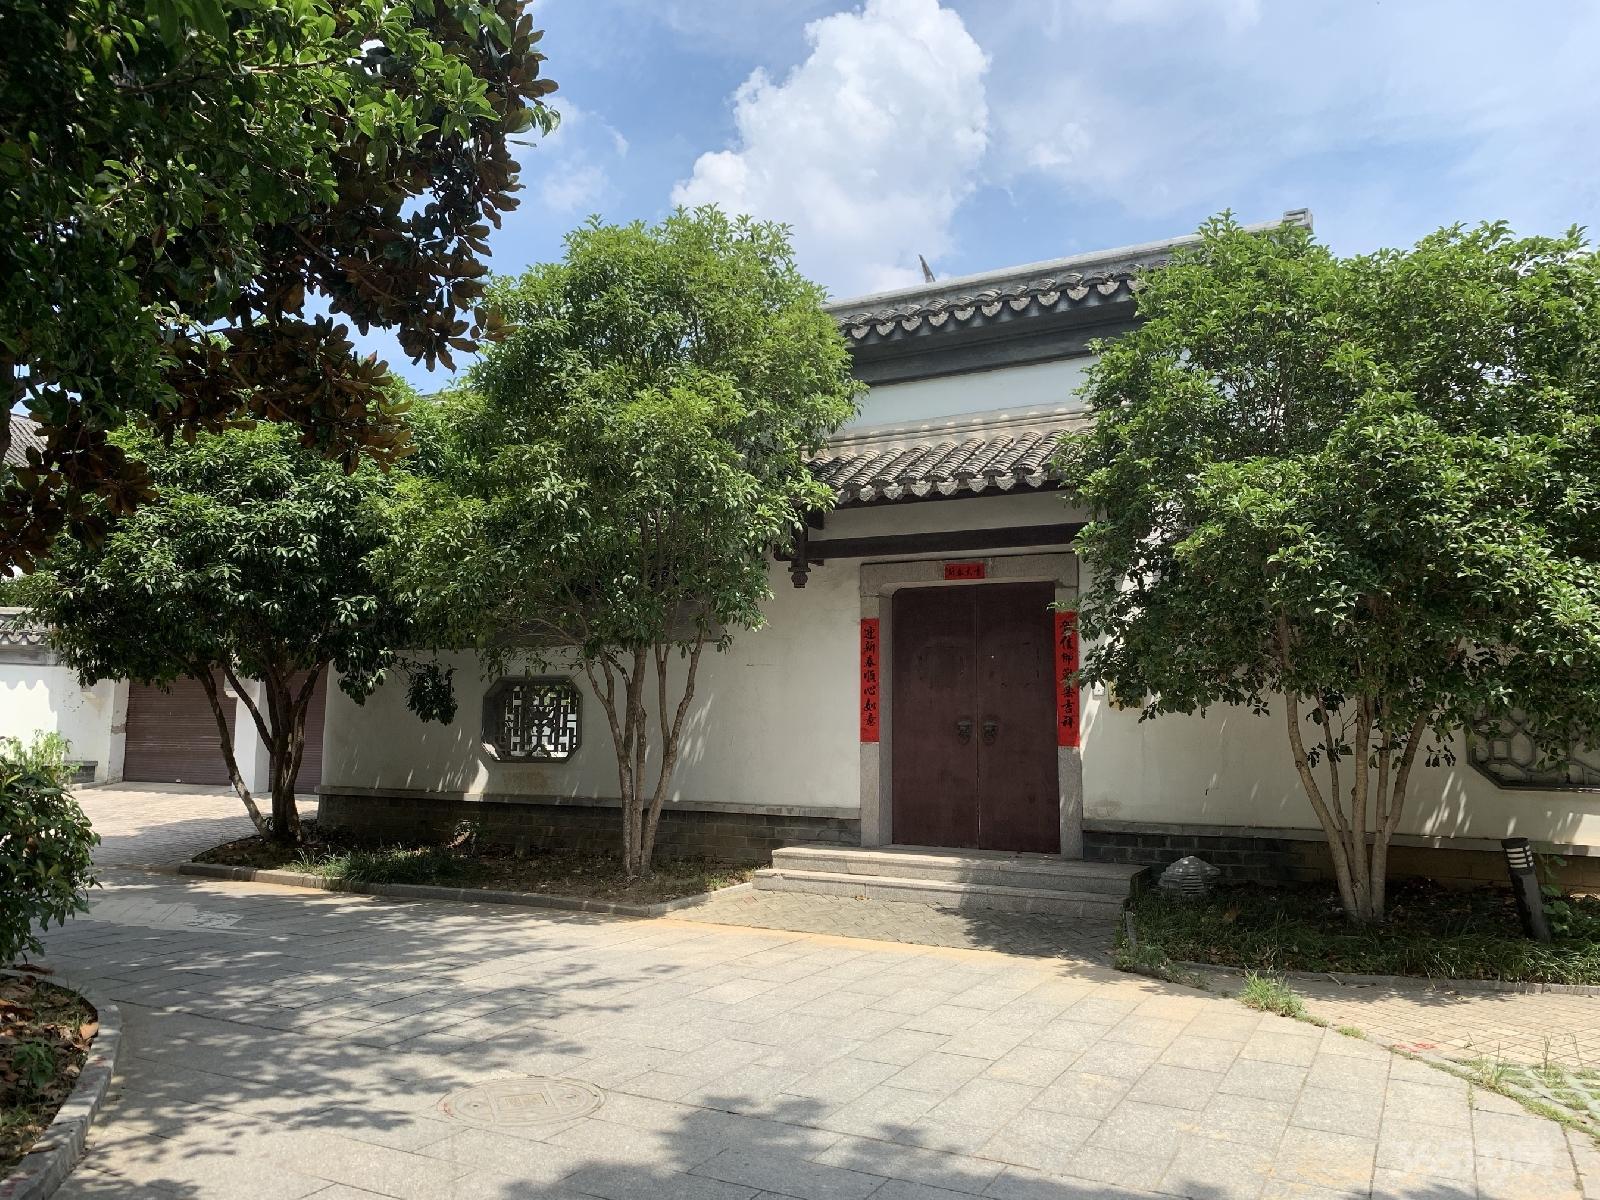 独幢别墅居家办公天元路CBD中国人家玉鉴园